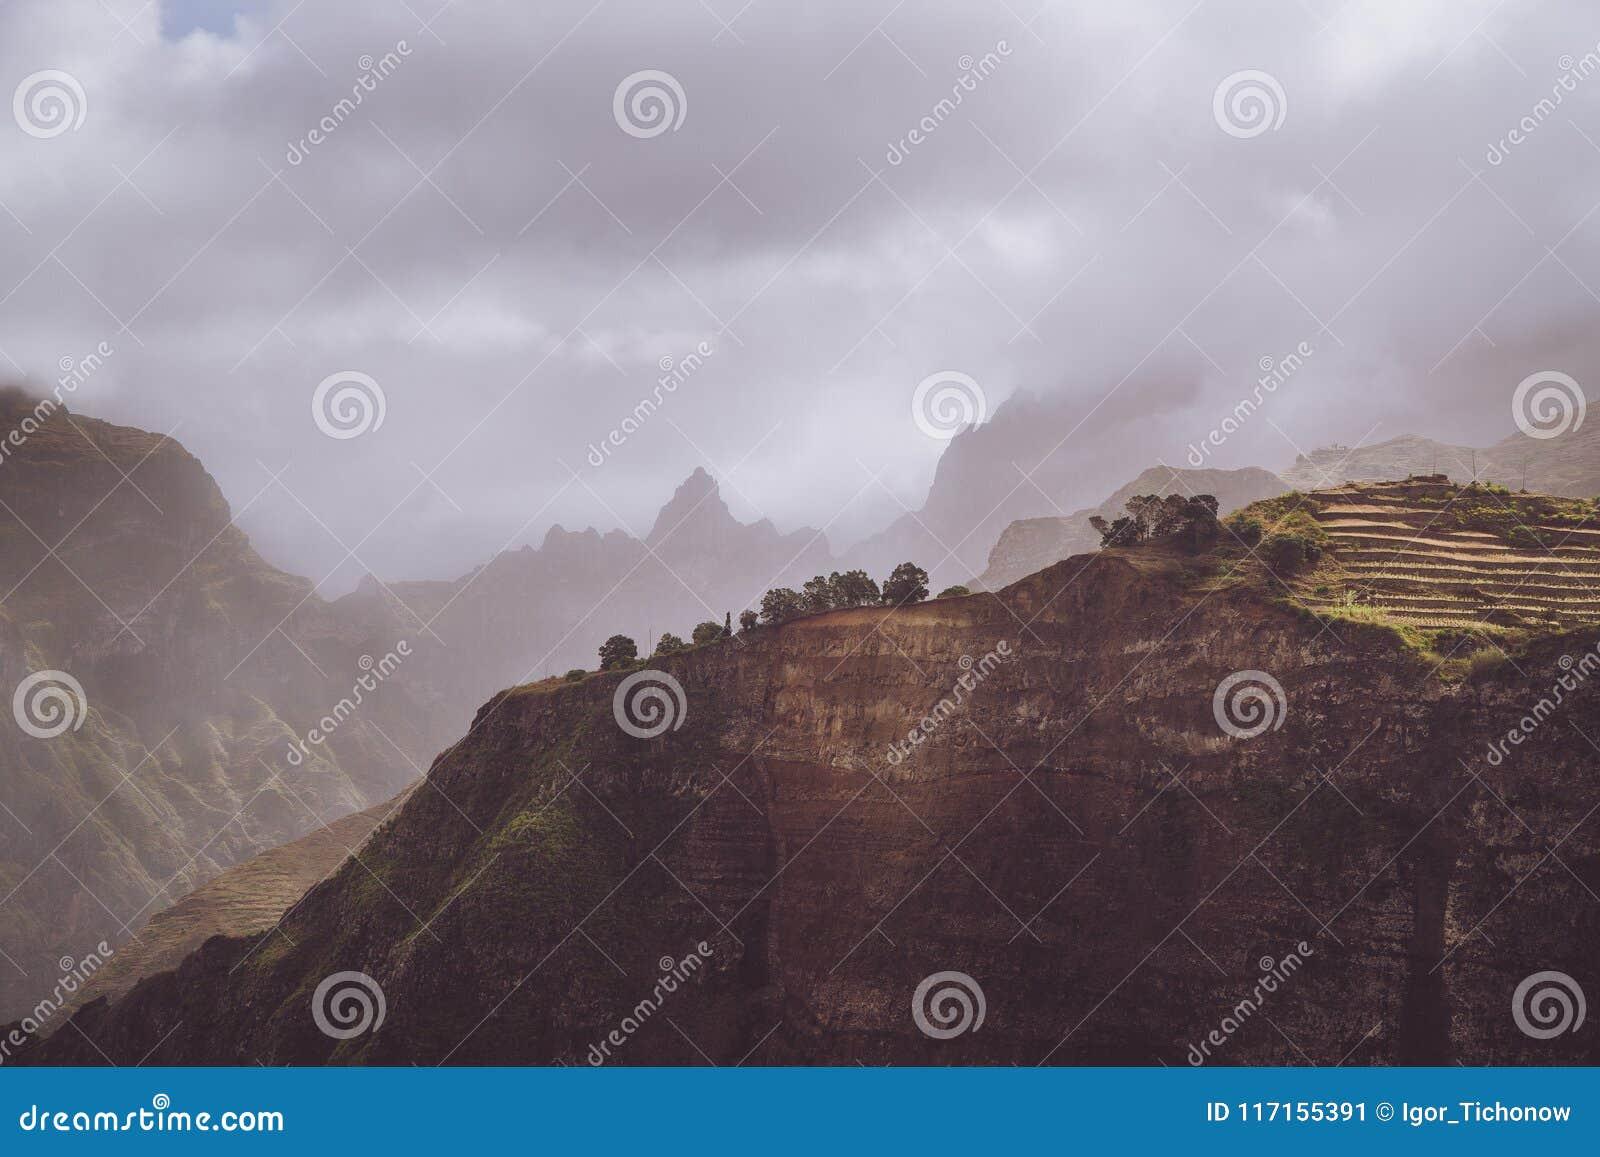 Sceneria z kształtem ogromne skały i ruch chmury zaparowywa na niebie Surrealistyczny moment przed burzą w górach dalej